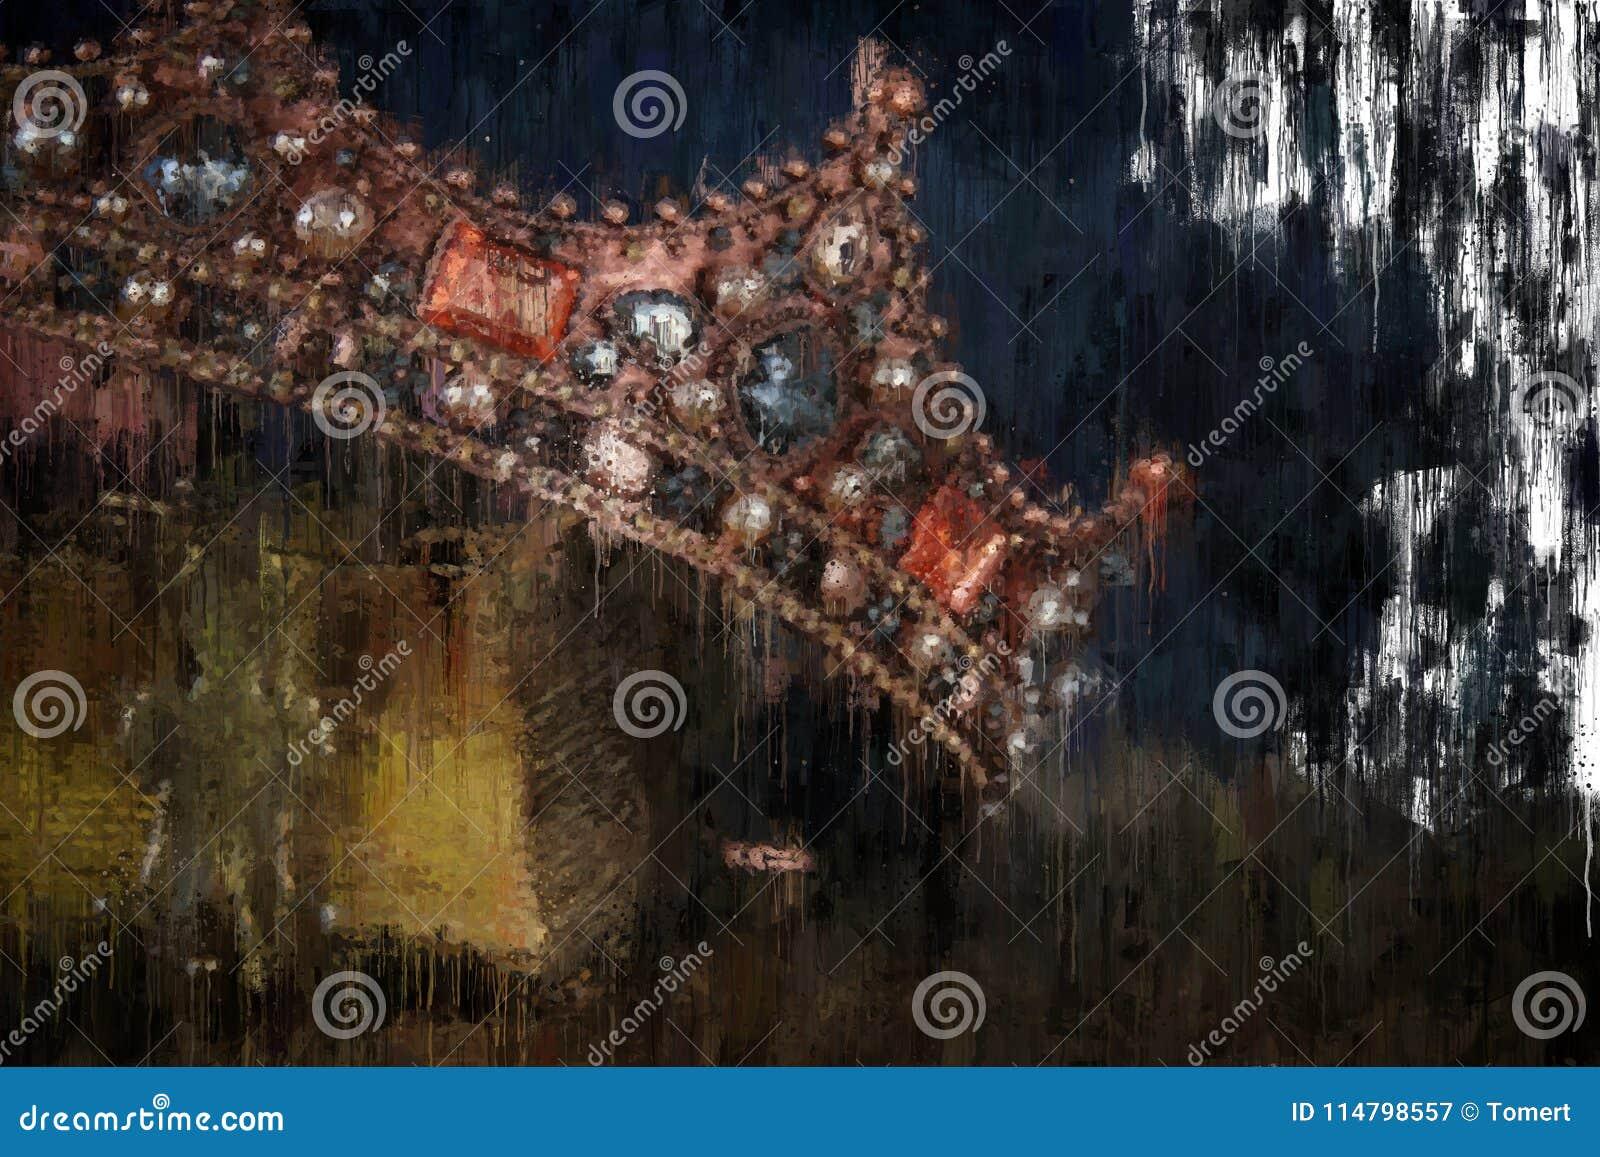 För stilabstrakt begrepp för olje- målning bild av den guld- kronan medeltida period för fantasi